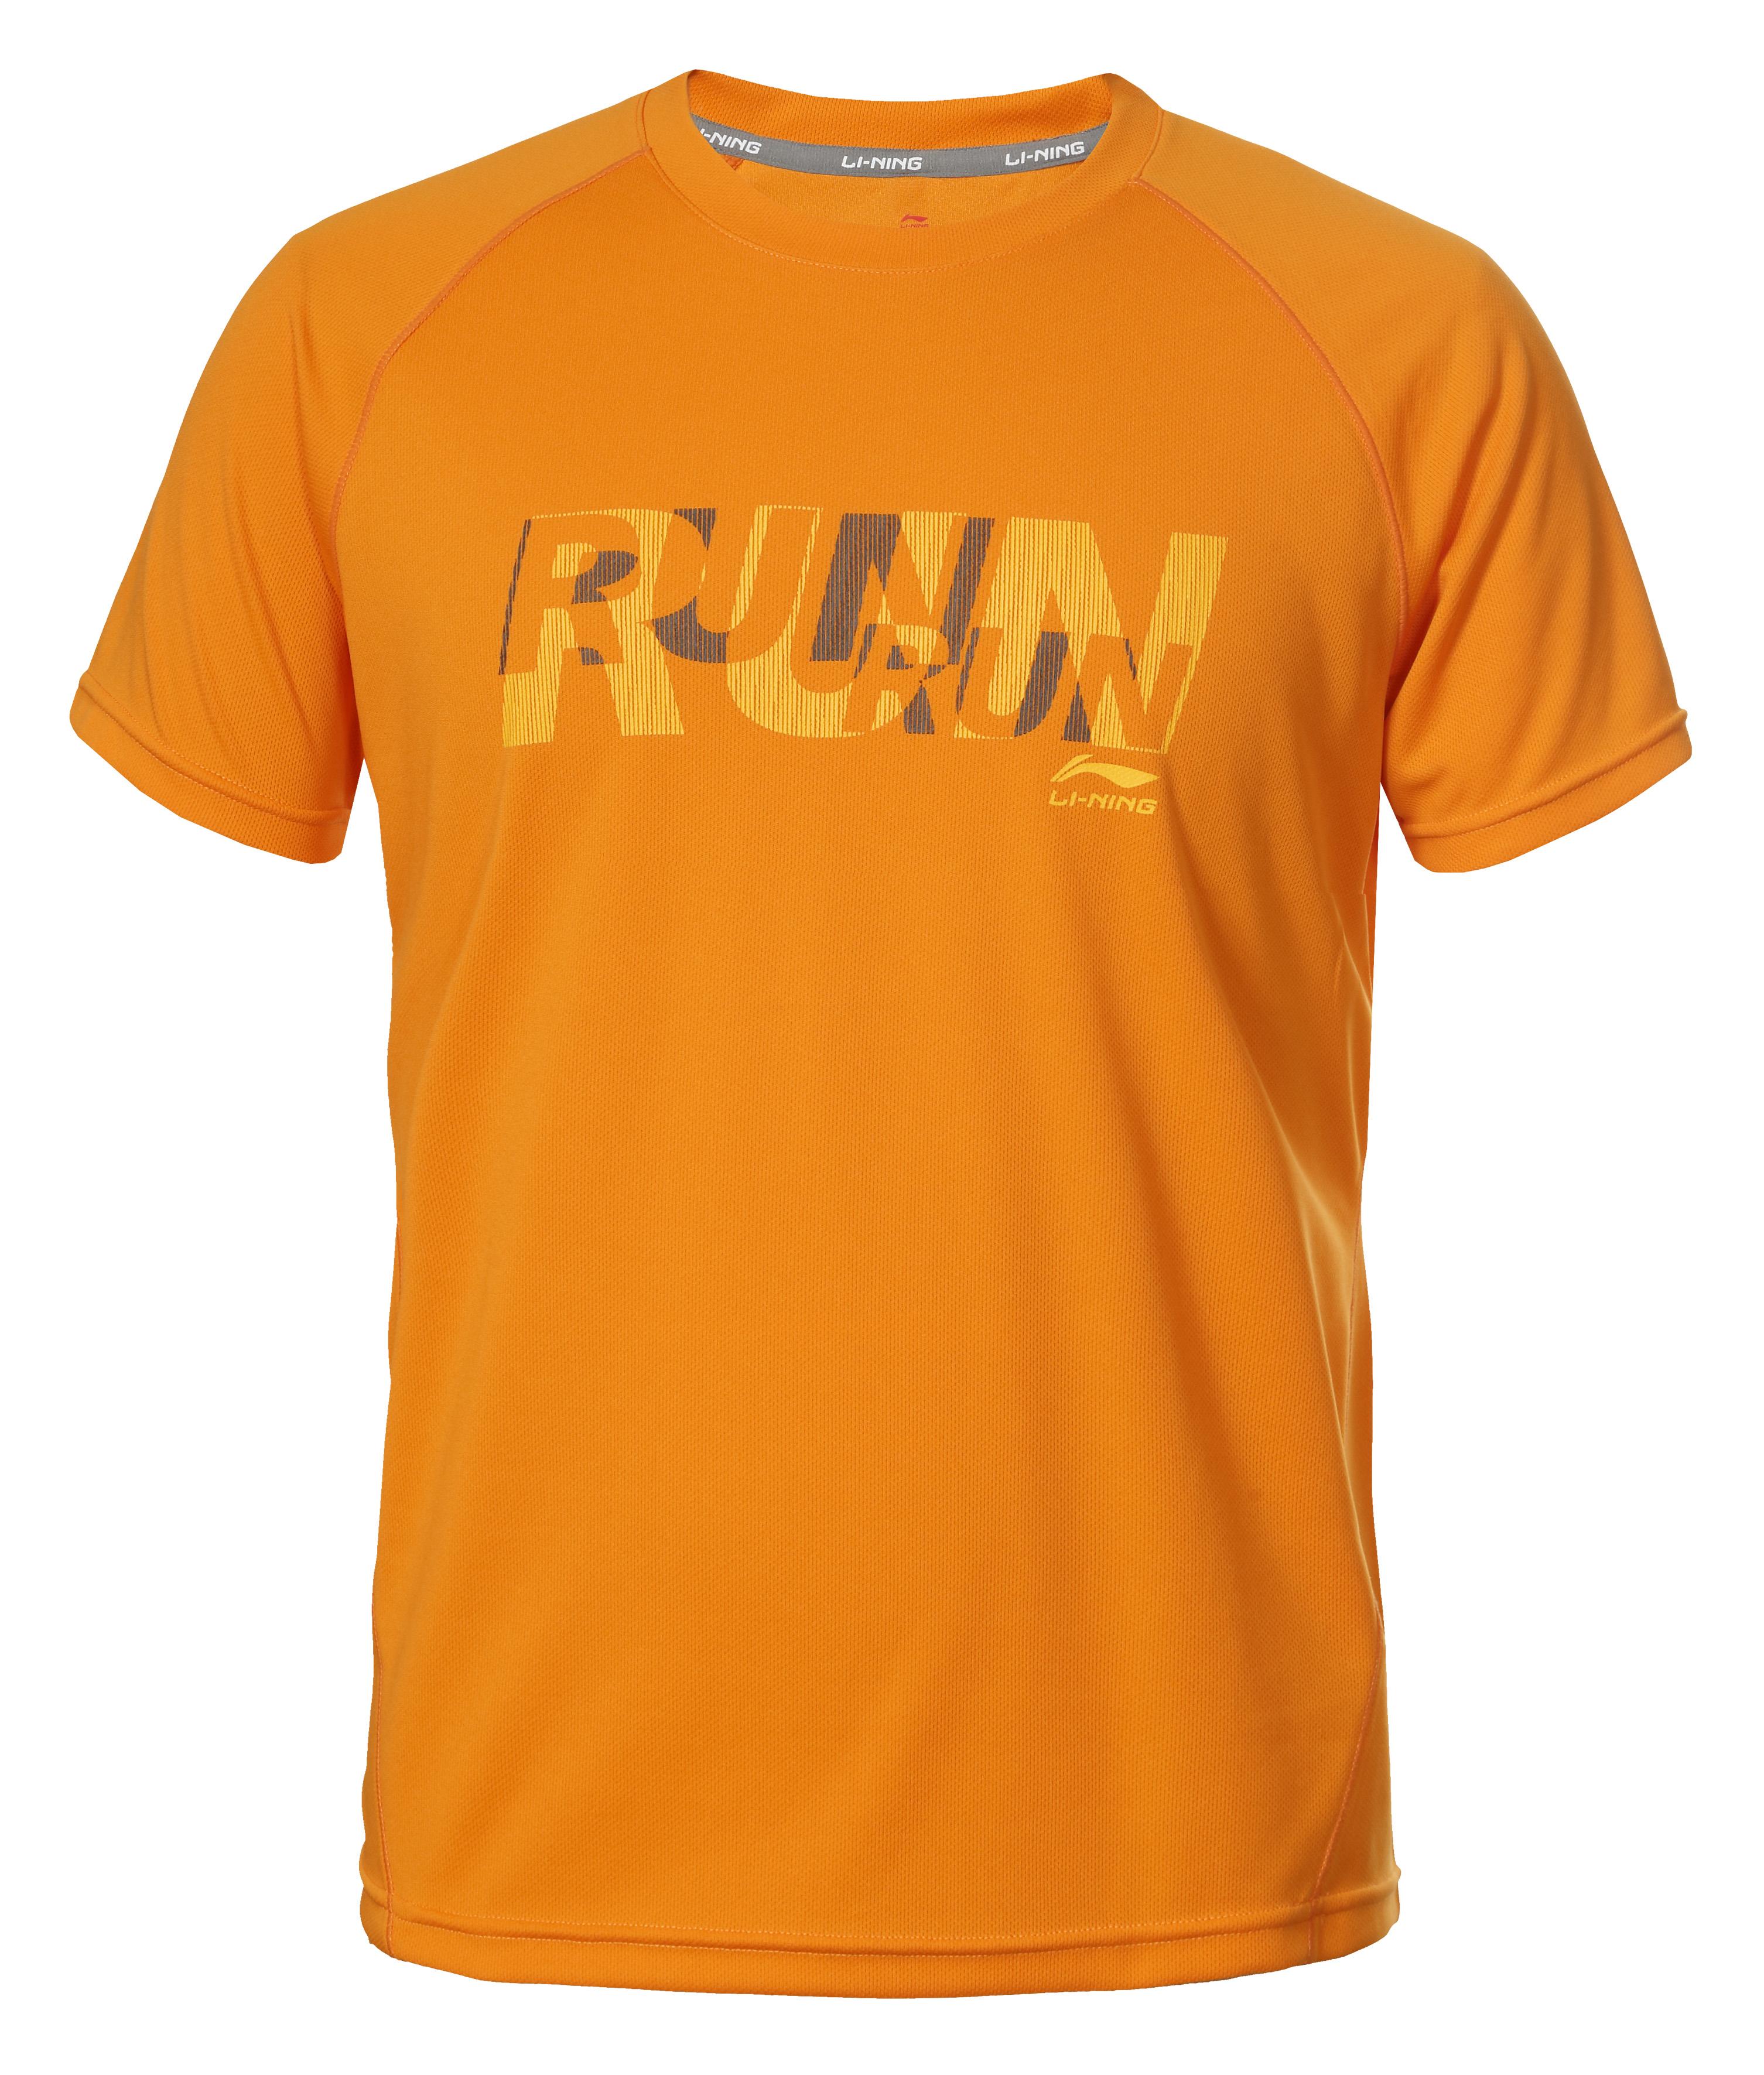 oranje basic shirt